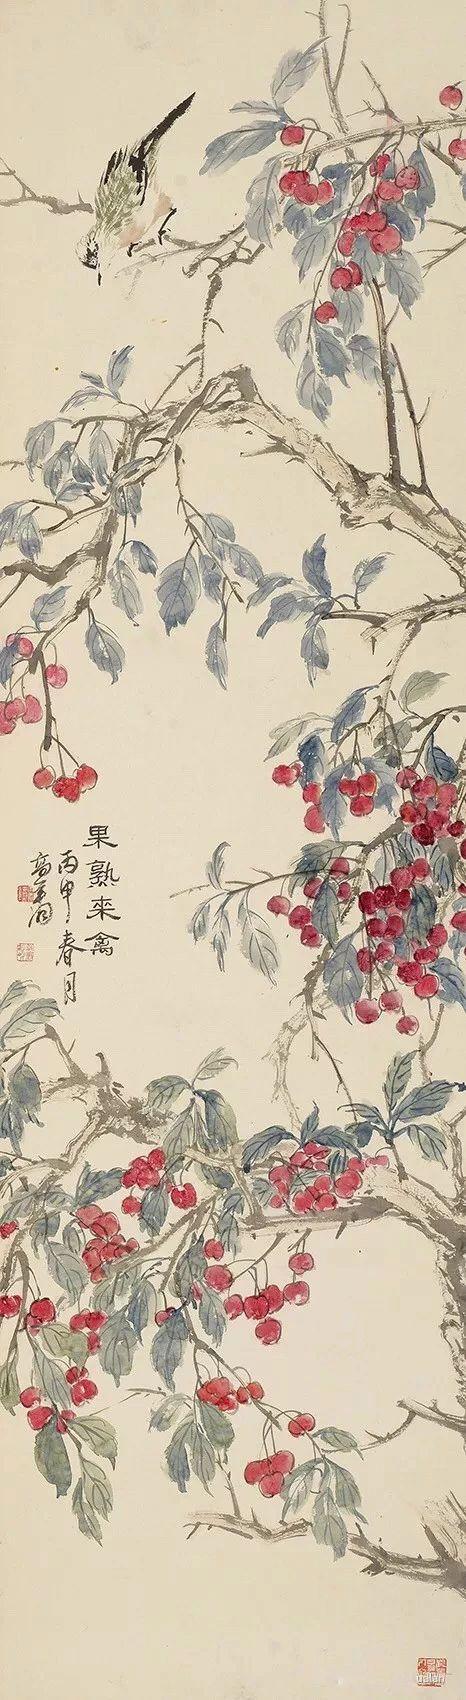 山东在京画家笔墨抒情 致敬全国战疫一线勇士4.jpg